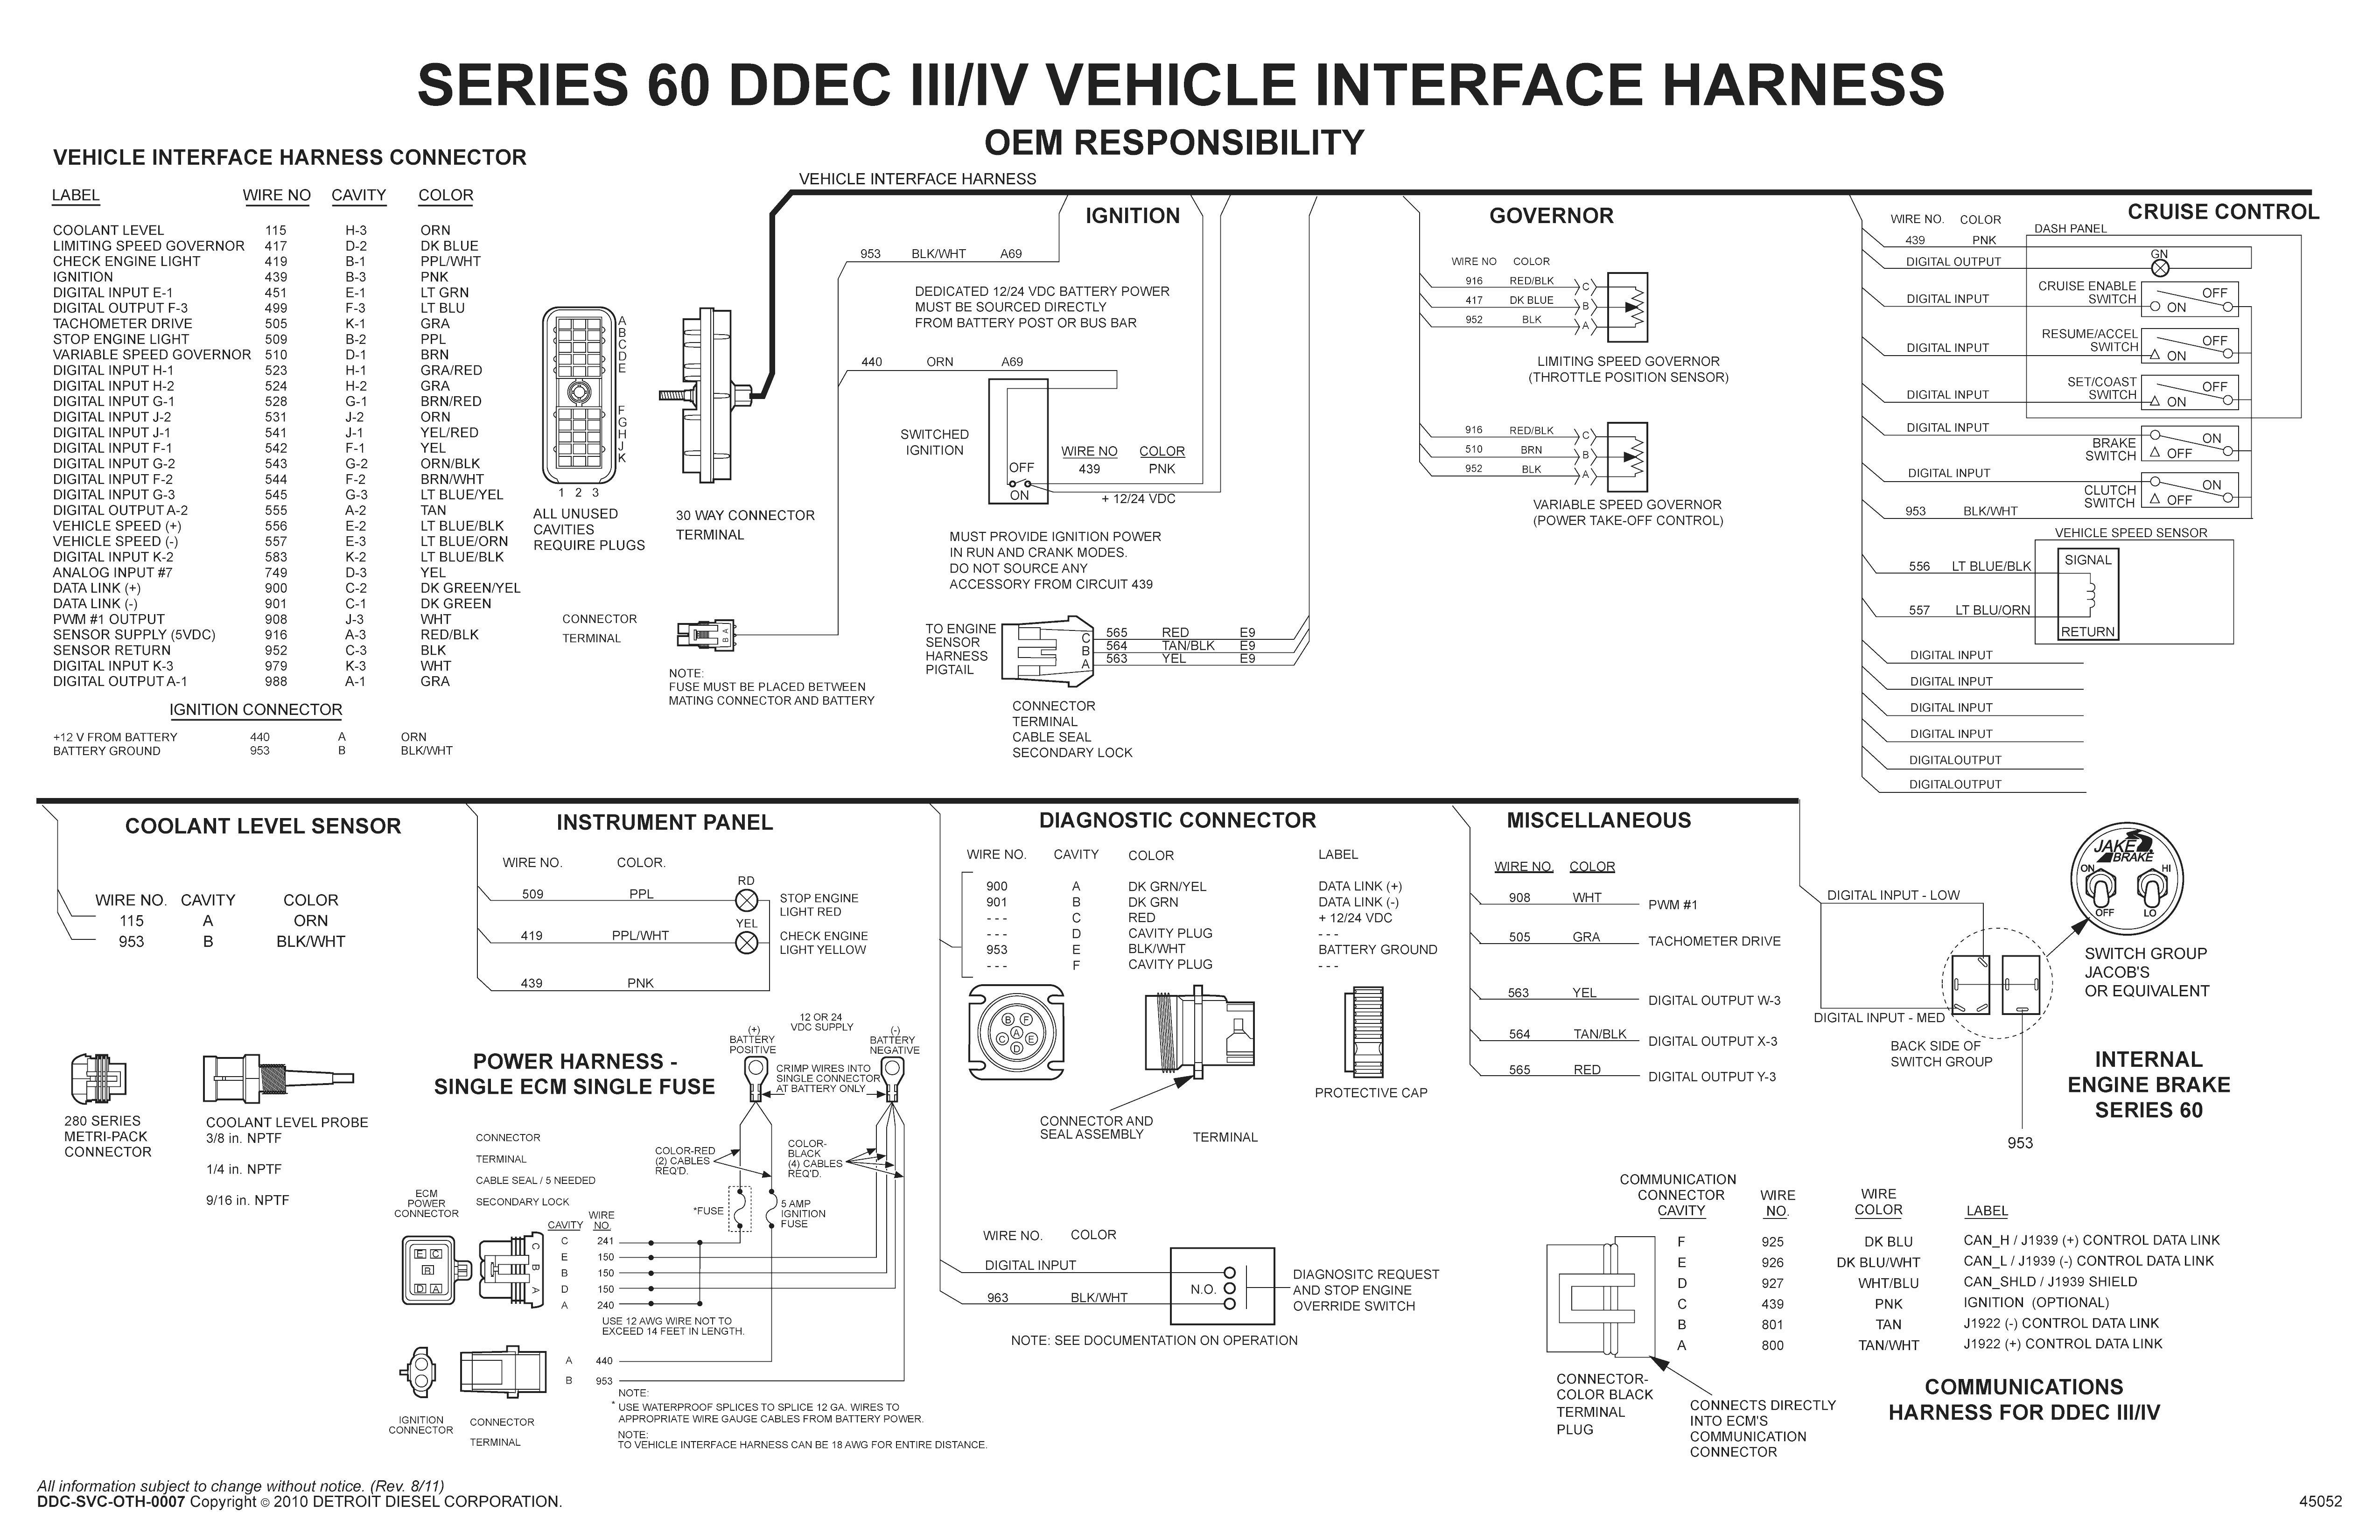 [DIAGRAM_34OR]  WR_1473] Ddec Iv Wiring Diagram Series 60 Free Diagram | Ddec 2 Wiring Diagram |  | Anist Groa Mohammedshrine Librar Wiring 101